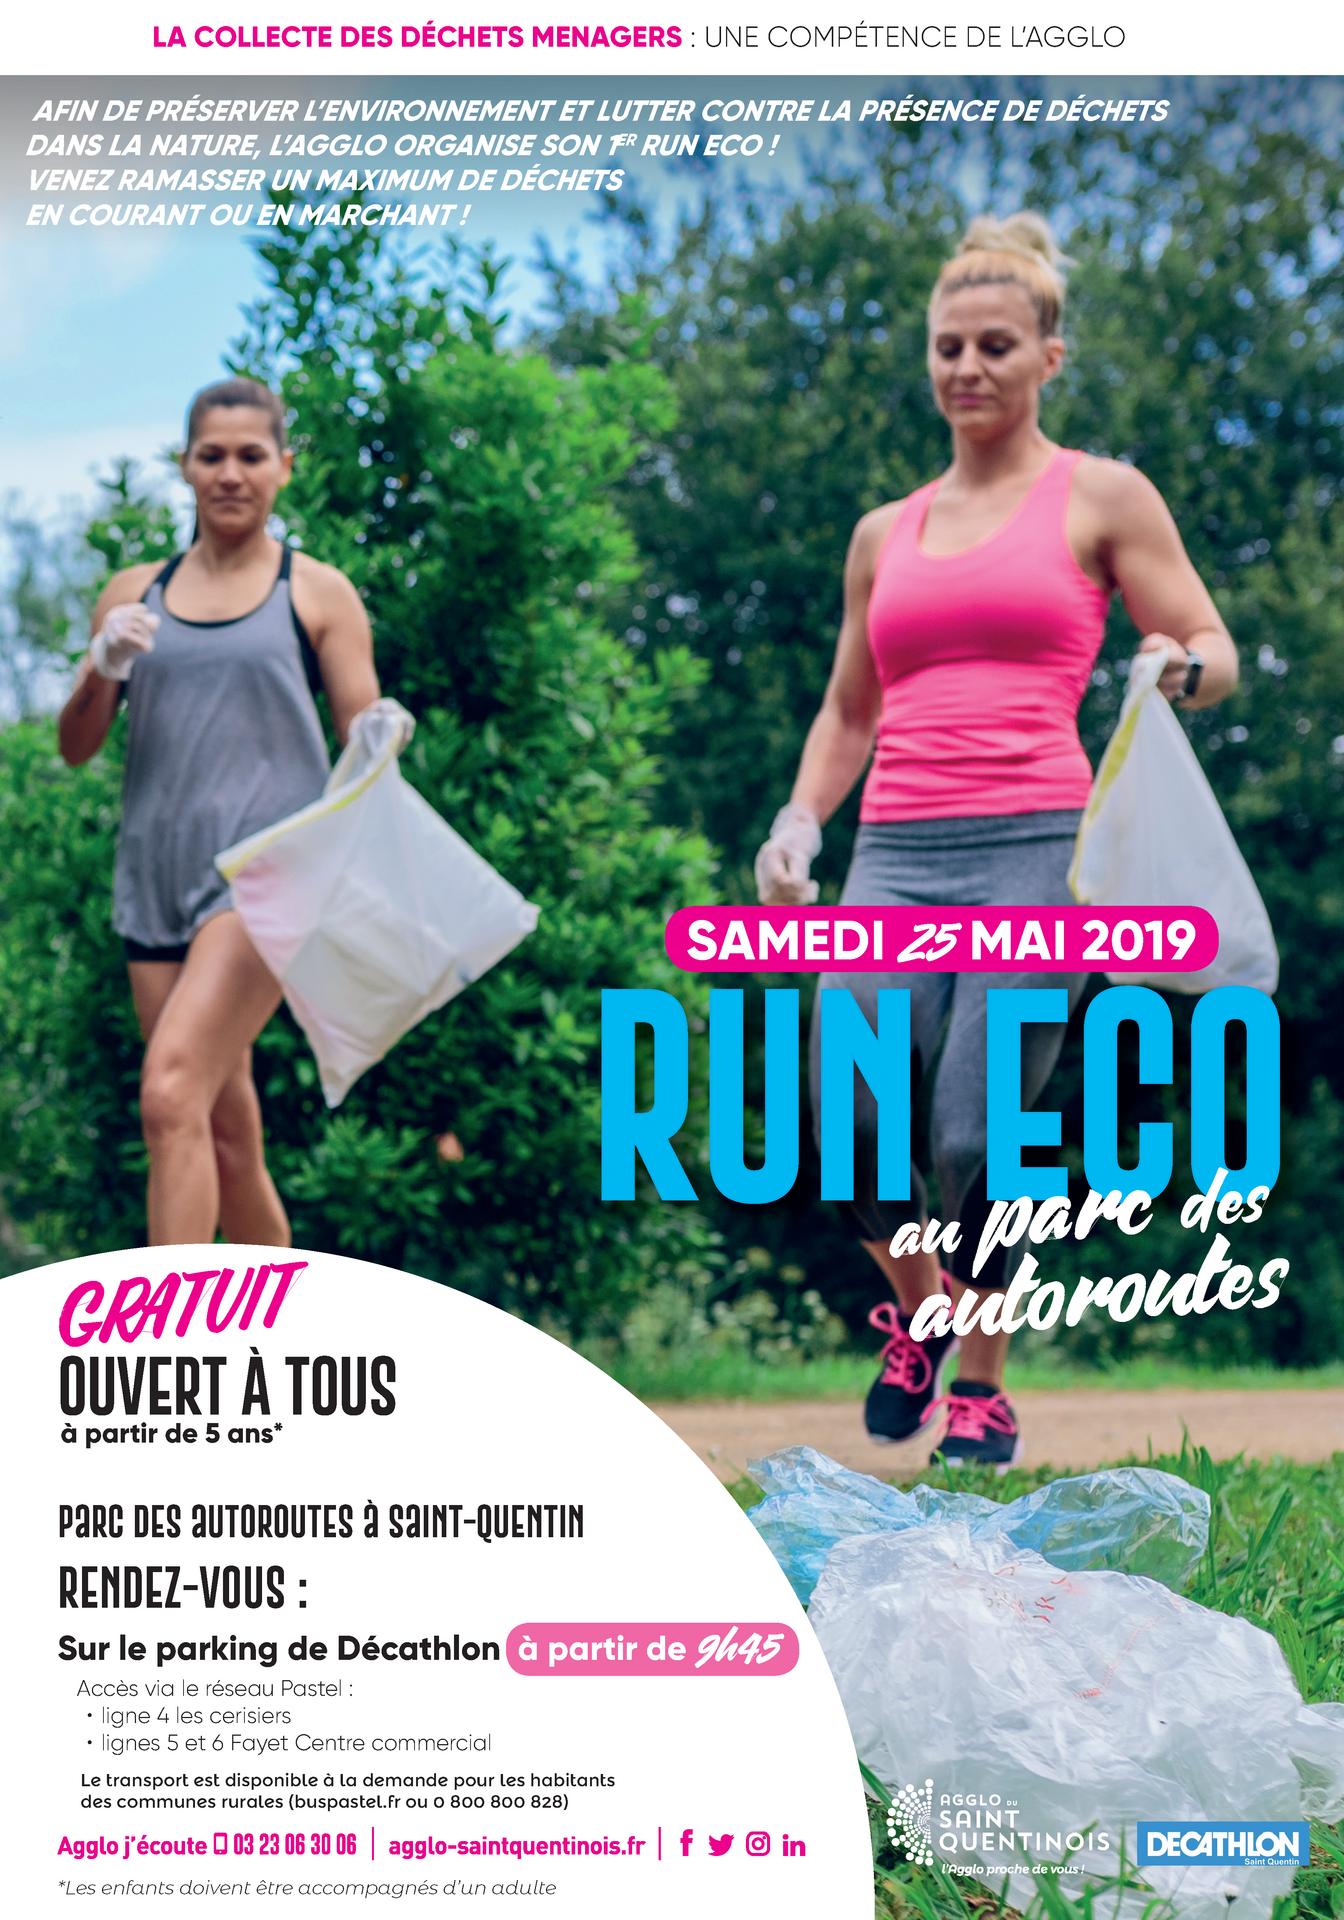 ️Afin de préserver l'environnement et lutter contre la présence de déchets dans la nature, l'Agglo organise son 1er run eco ! Venez ramasser un maximum de déchets en courant ou en marchant ! #RunEco #Plogging #AggloSaintQuentinoisagglo-saintquentinois.fr/agenda-133/run…